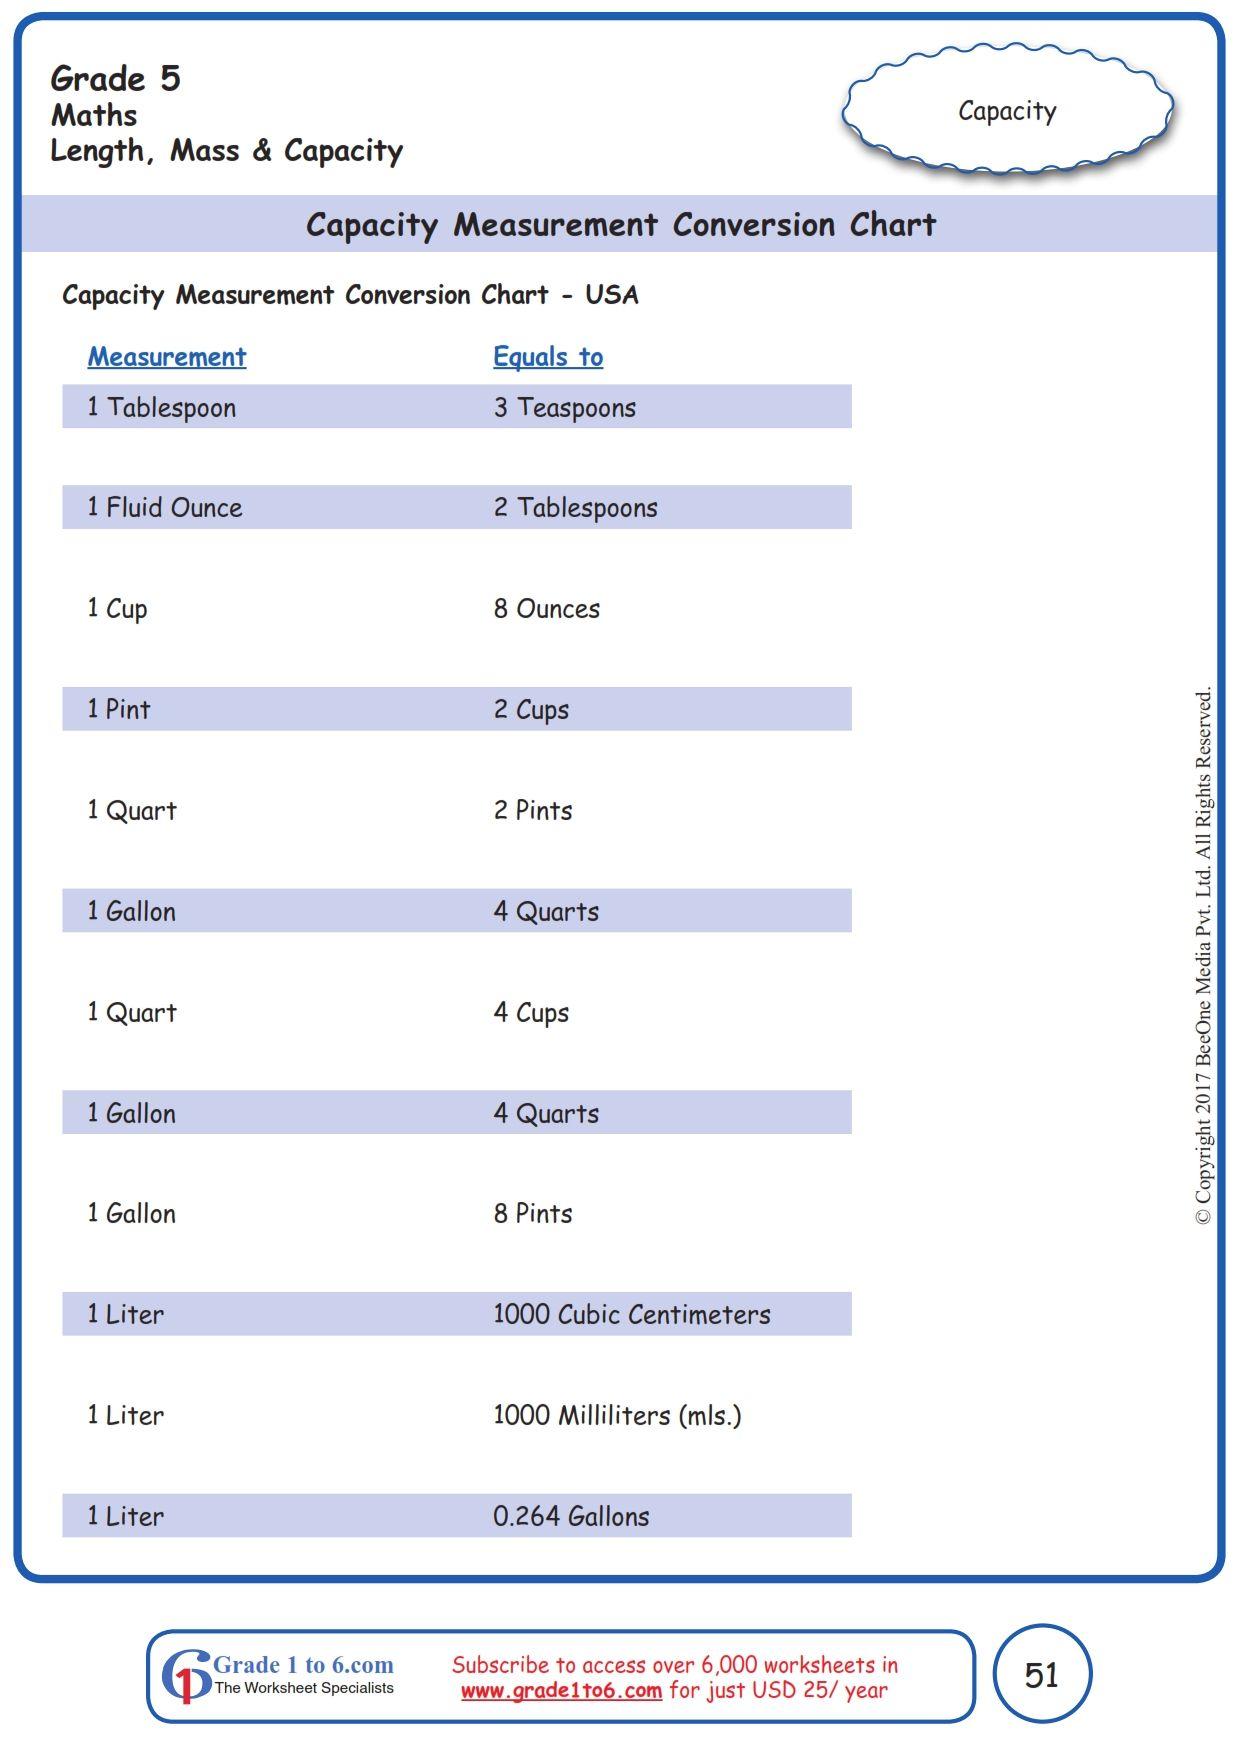 Worksheet Grade 5 Math Capacity Measurement Conersion